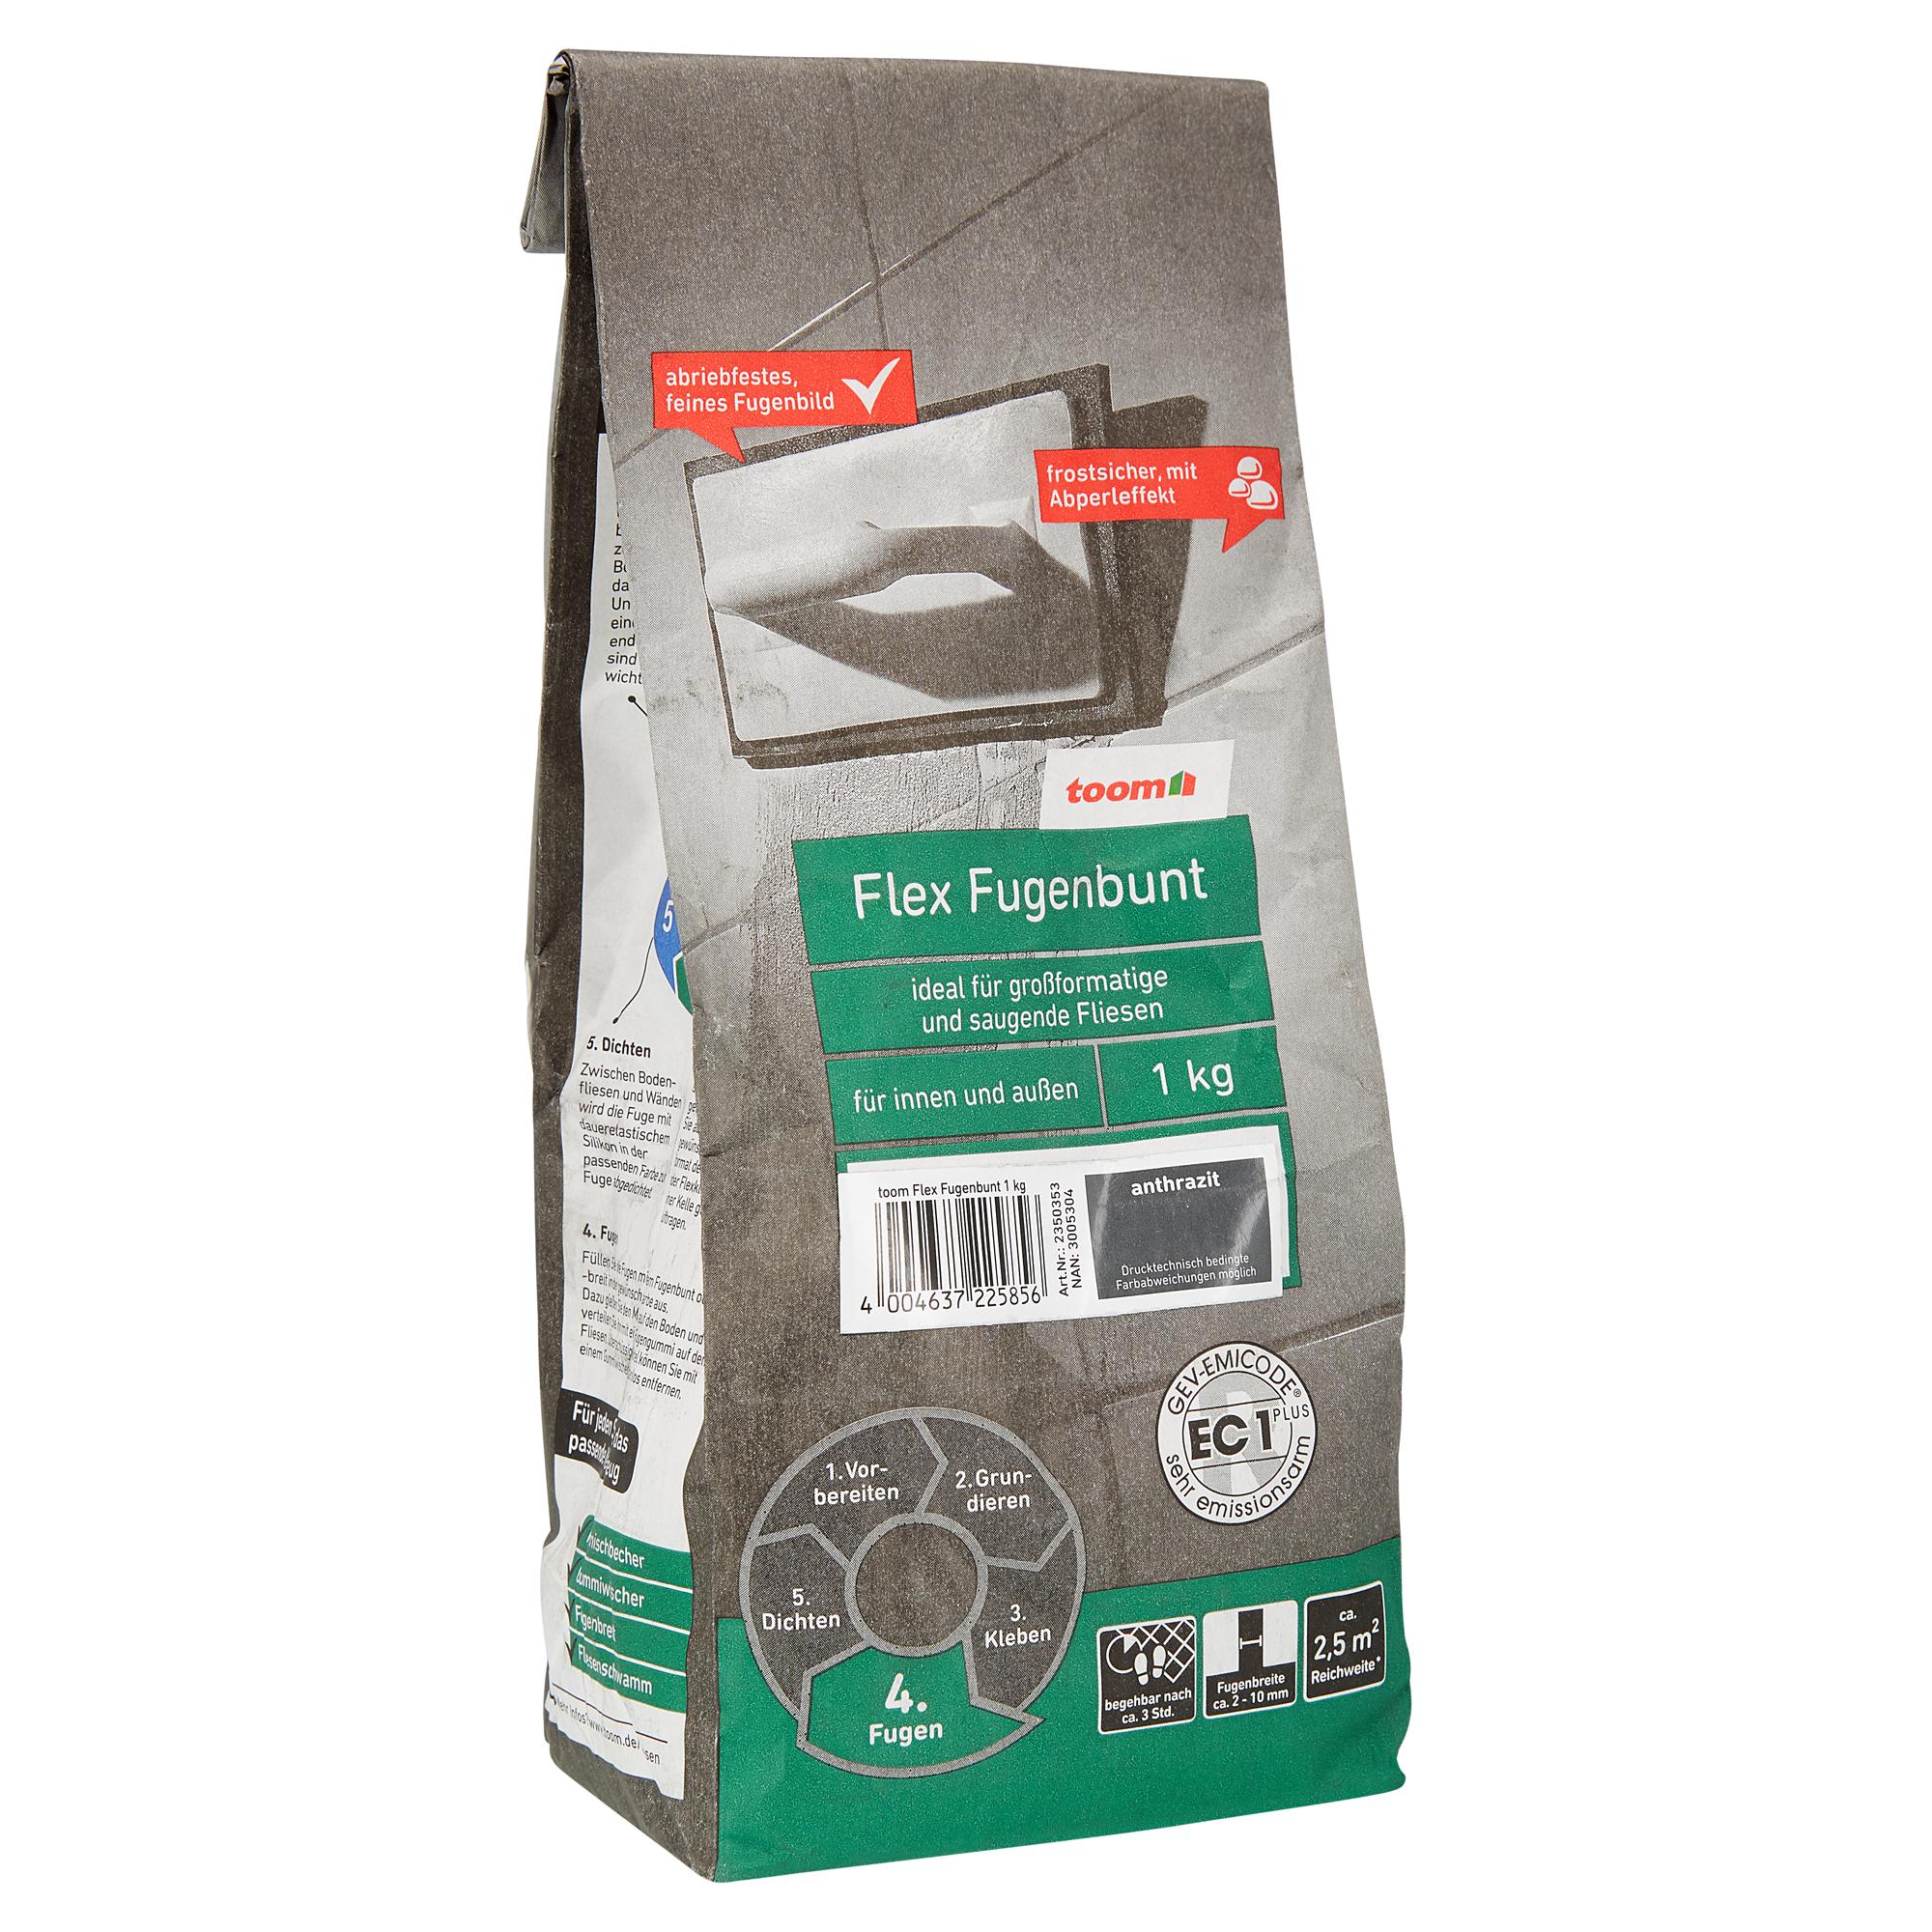 flex-fugenbunt anthrazit 1 kg toom ǀ toom baumarkt